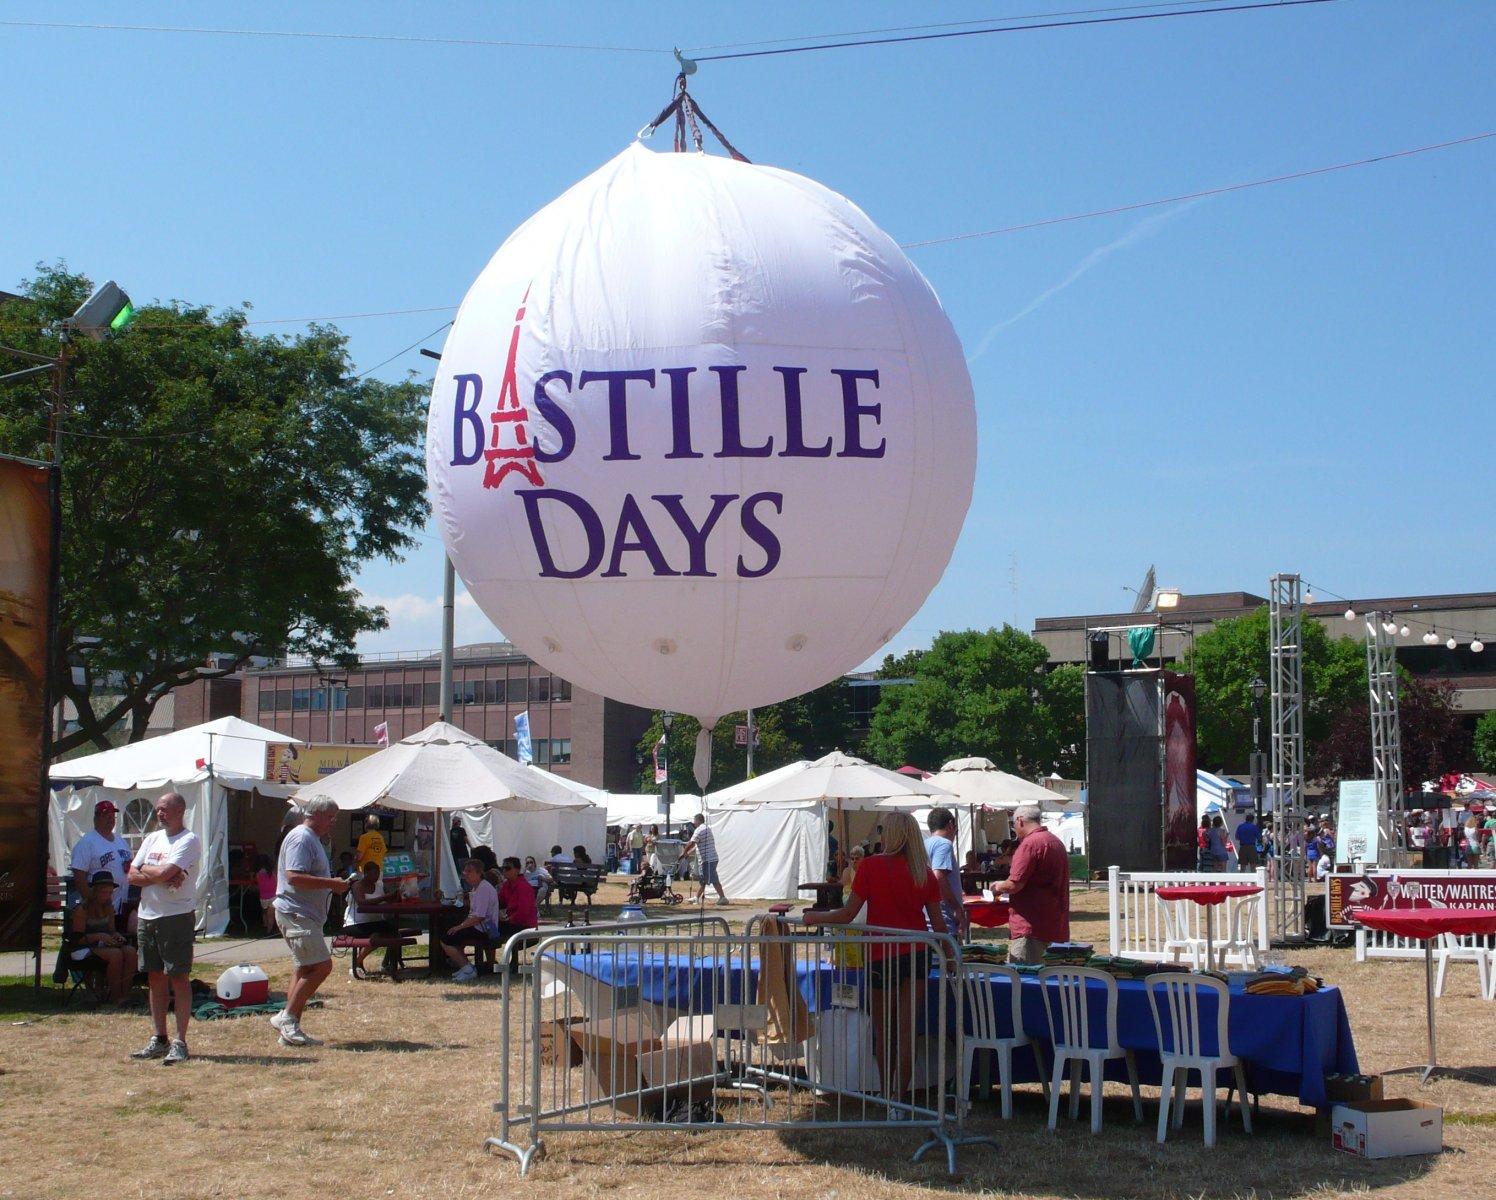 Bastille Days Balloon